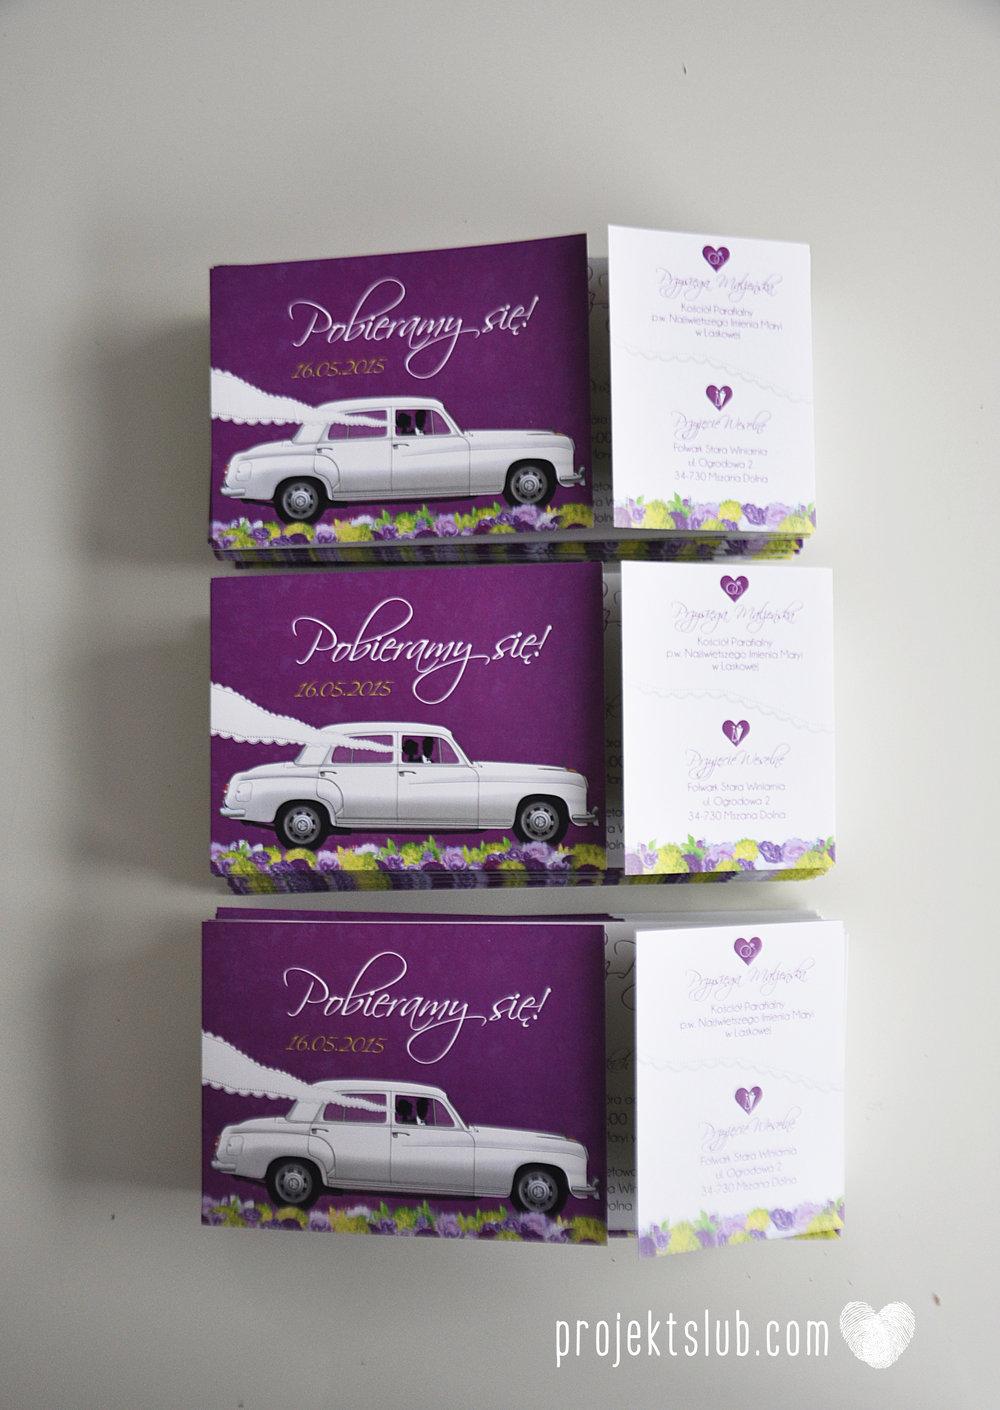 zaproszenia-ślubne-eleganckie-glamour-zaproszenia-z-motywem-auta-samochód-ślubny-mercedes-kwiaty-koronka-biel-fiolet-zieleń-projekt-ślub  (28).JPG